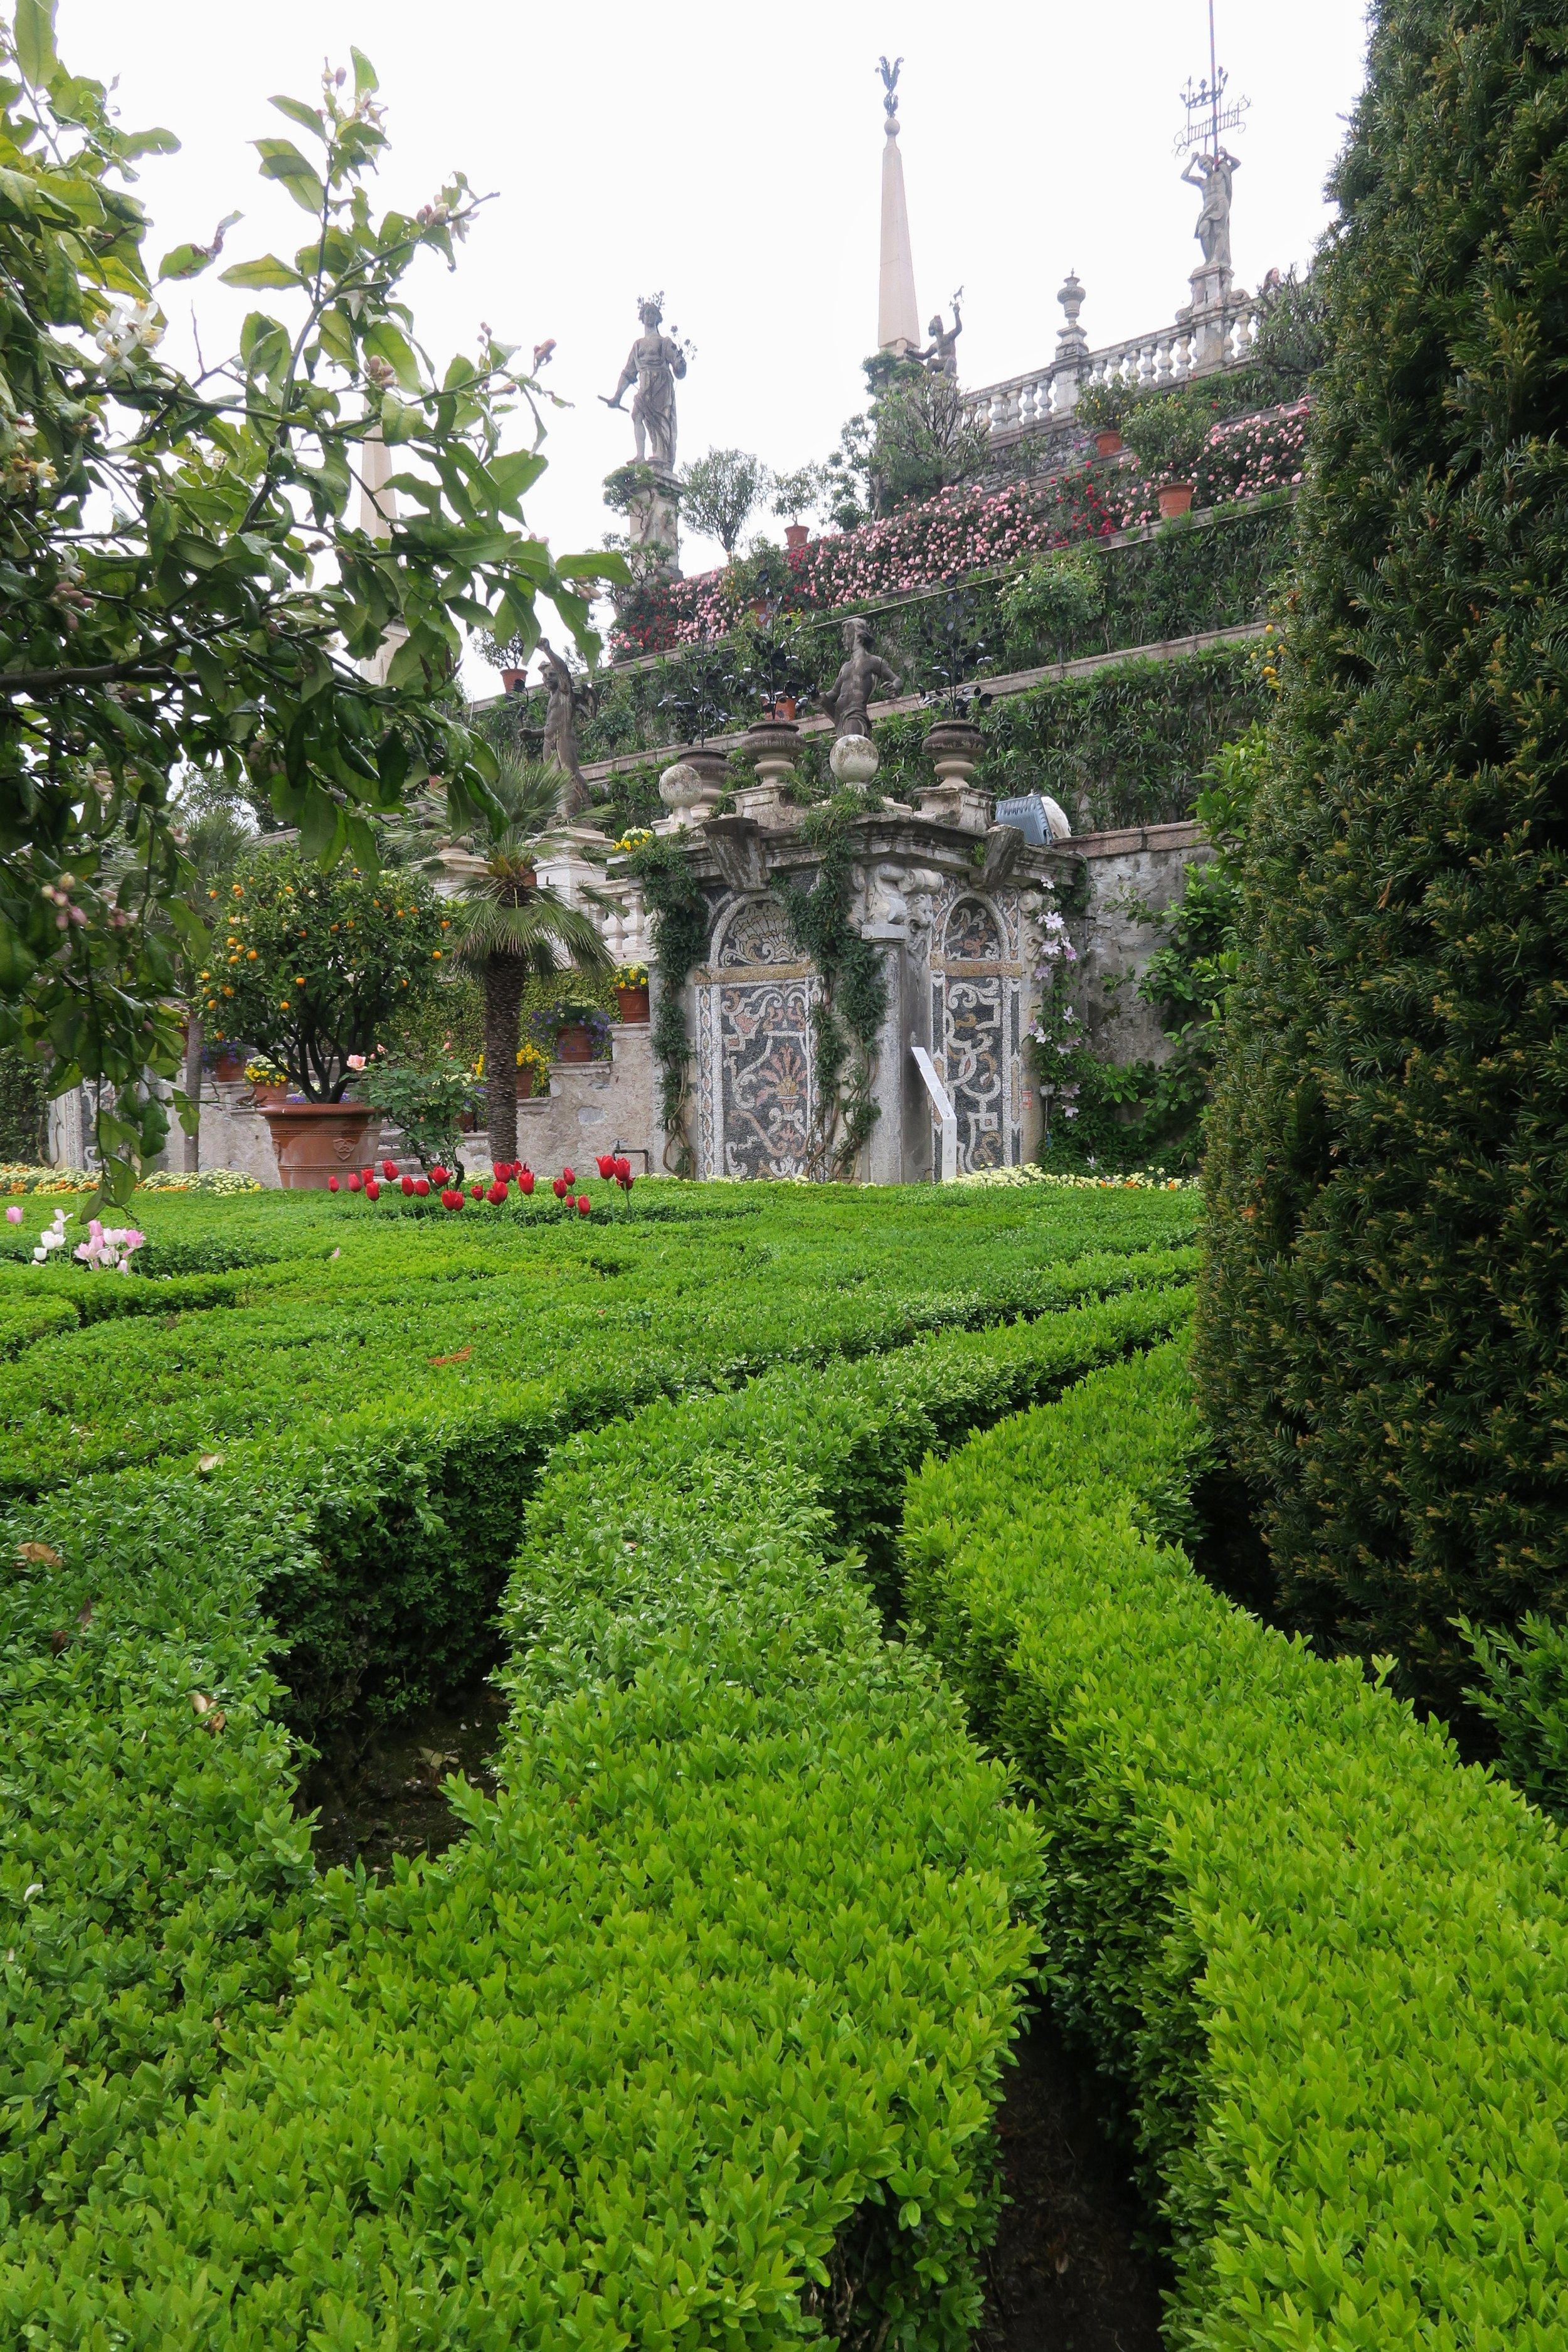 Isola Bella topiary